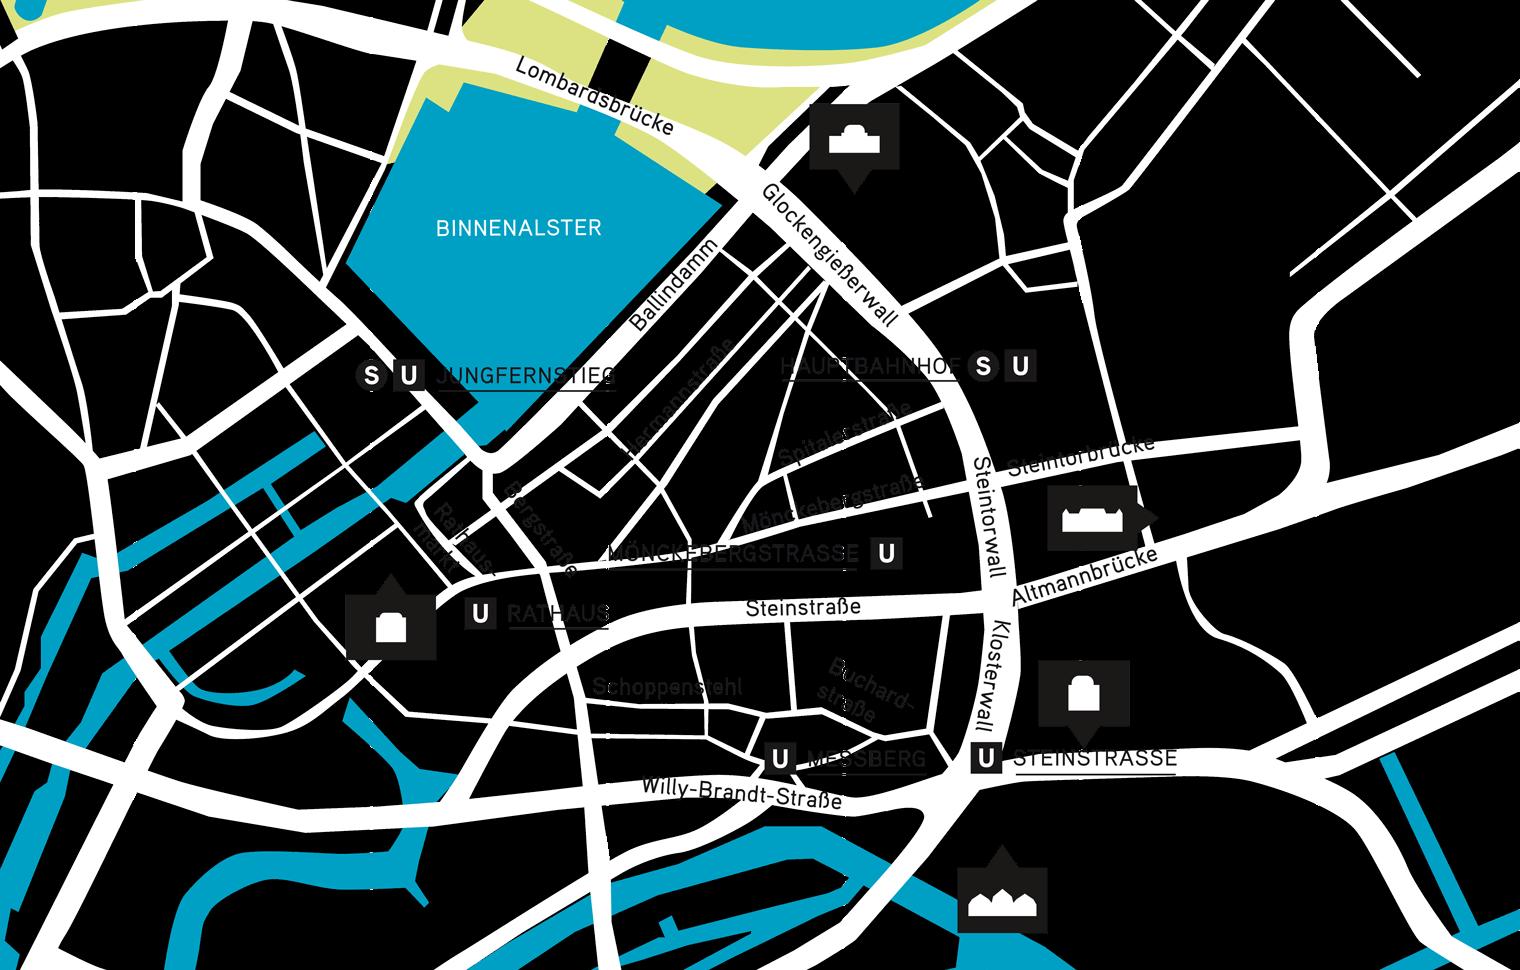 Hamburg Hauptbahnhof Karte.Kunstmeile Hamburg 1 Ticket 5 Museums